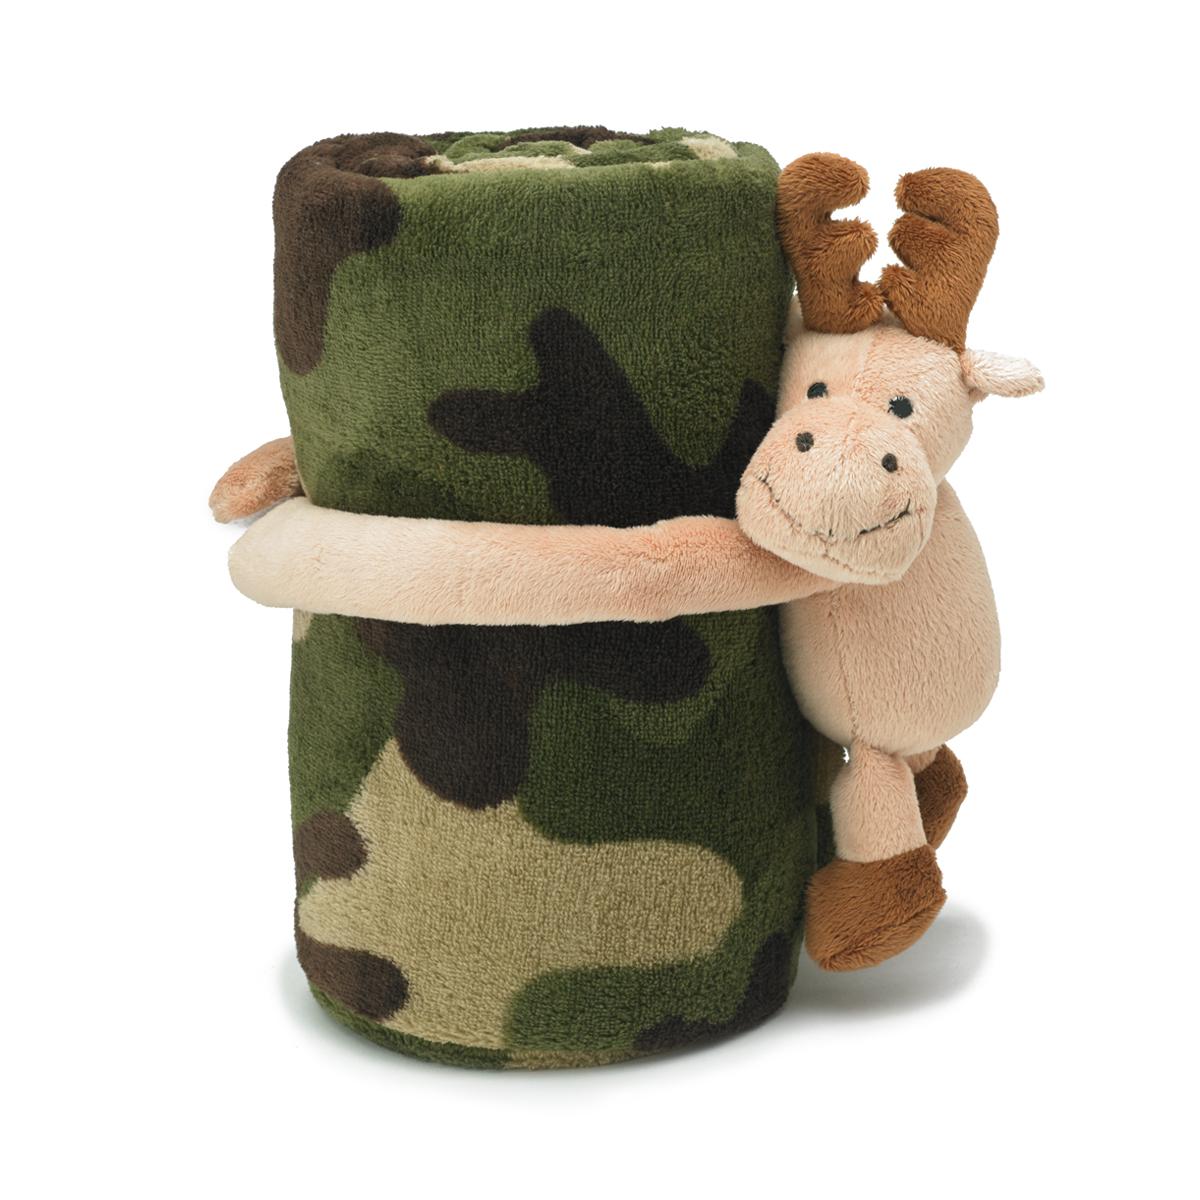 Hugz Pets Moose Green Camo Nap Mat Cover Pillow Blanket